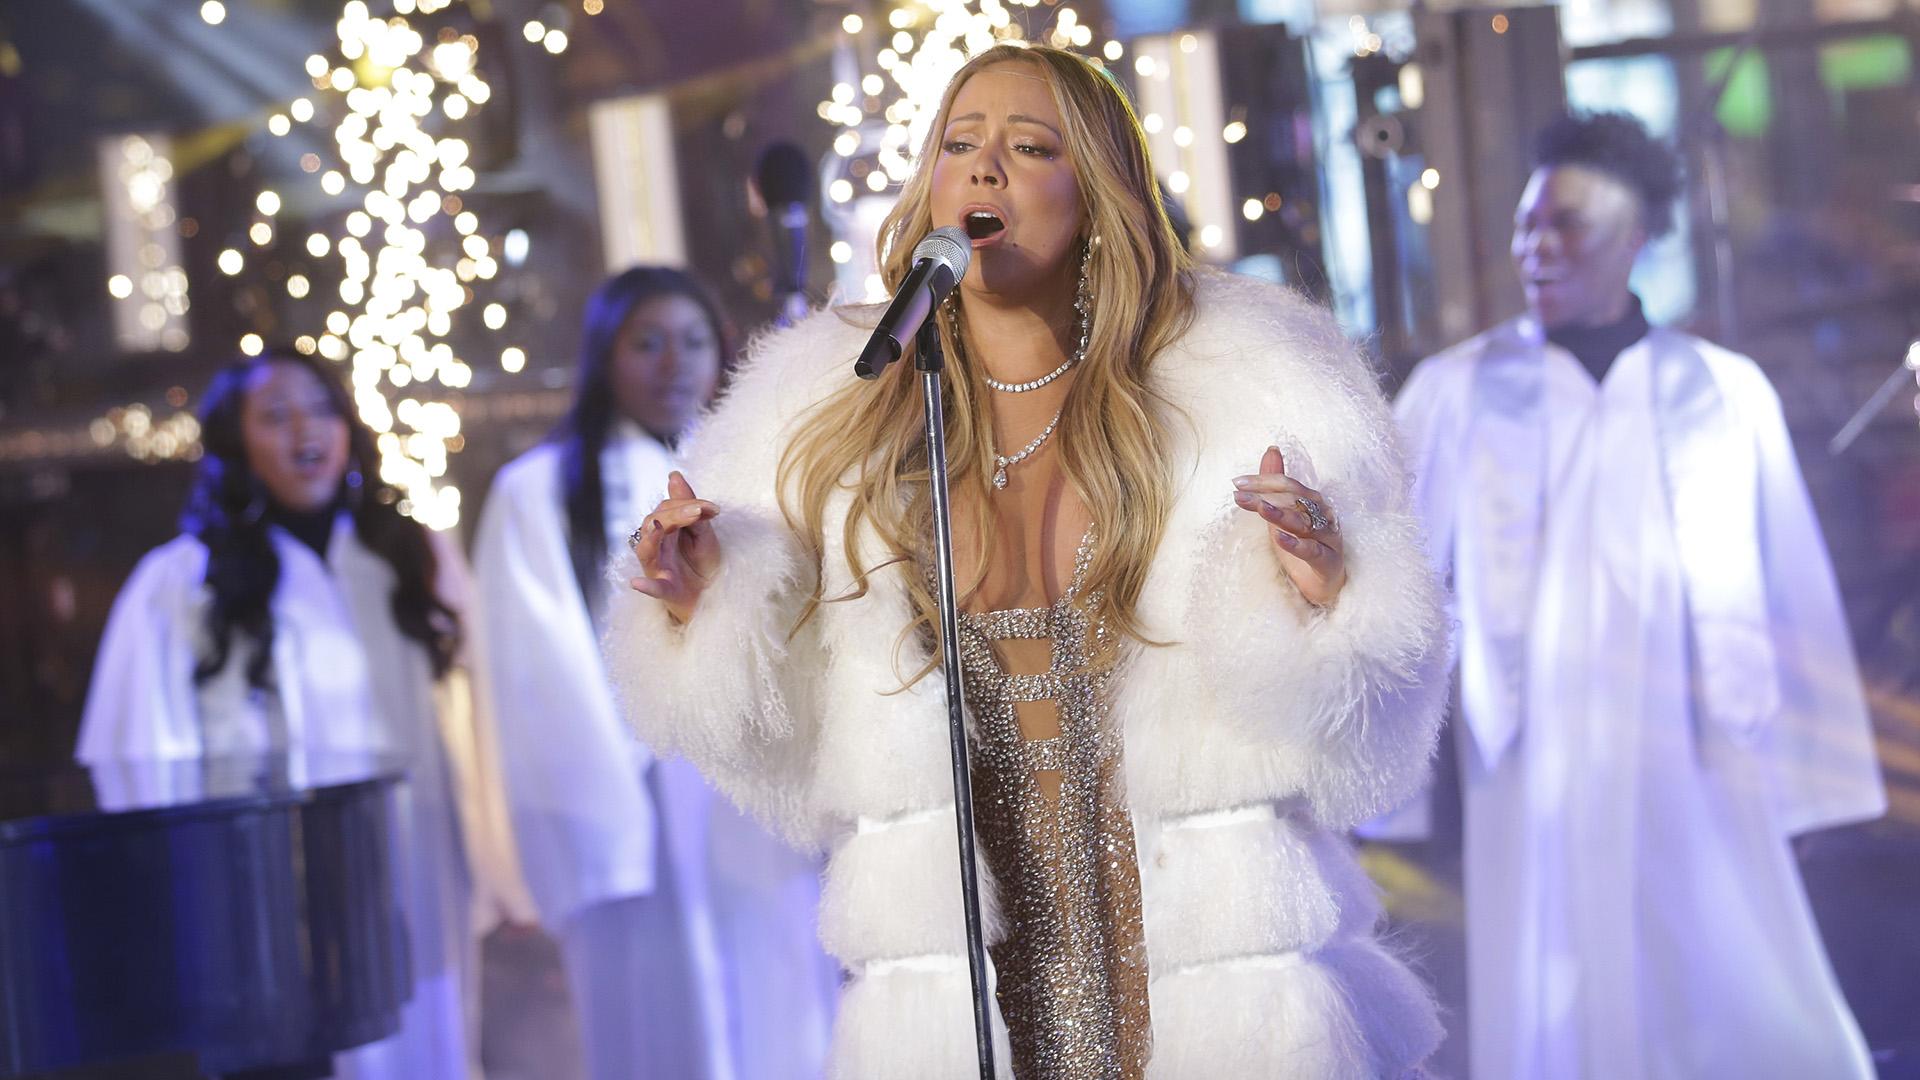 La cantante acompañó su look con costosas joyas, a la vez que lució su cabello largo y rubio